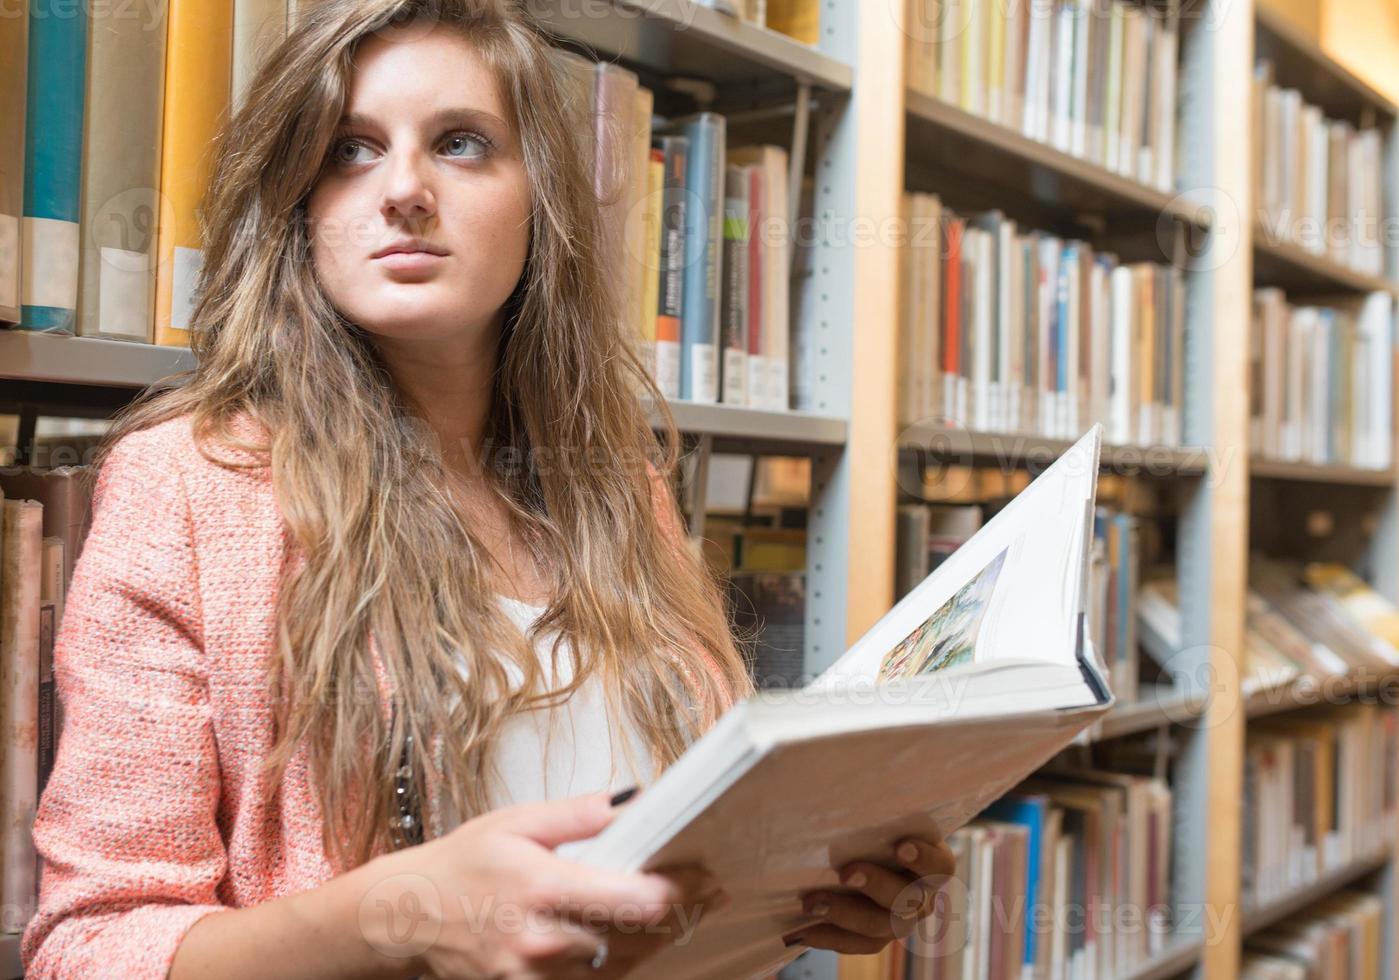 ritratto di una bella ragazza dentro una biblioteca foto